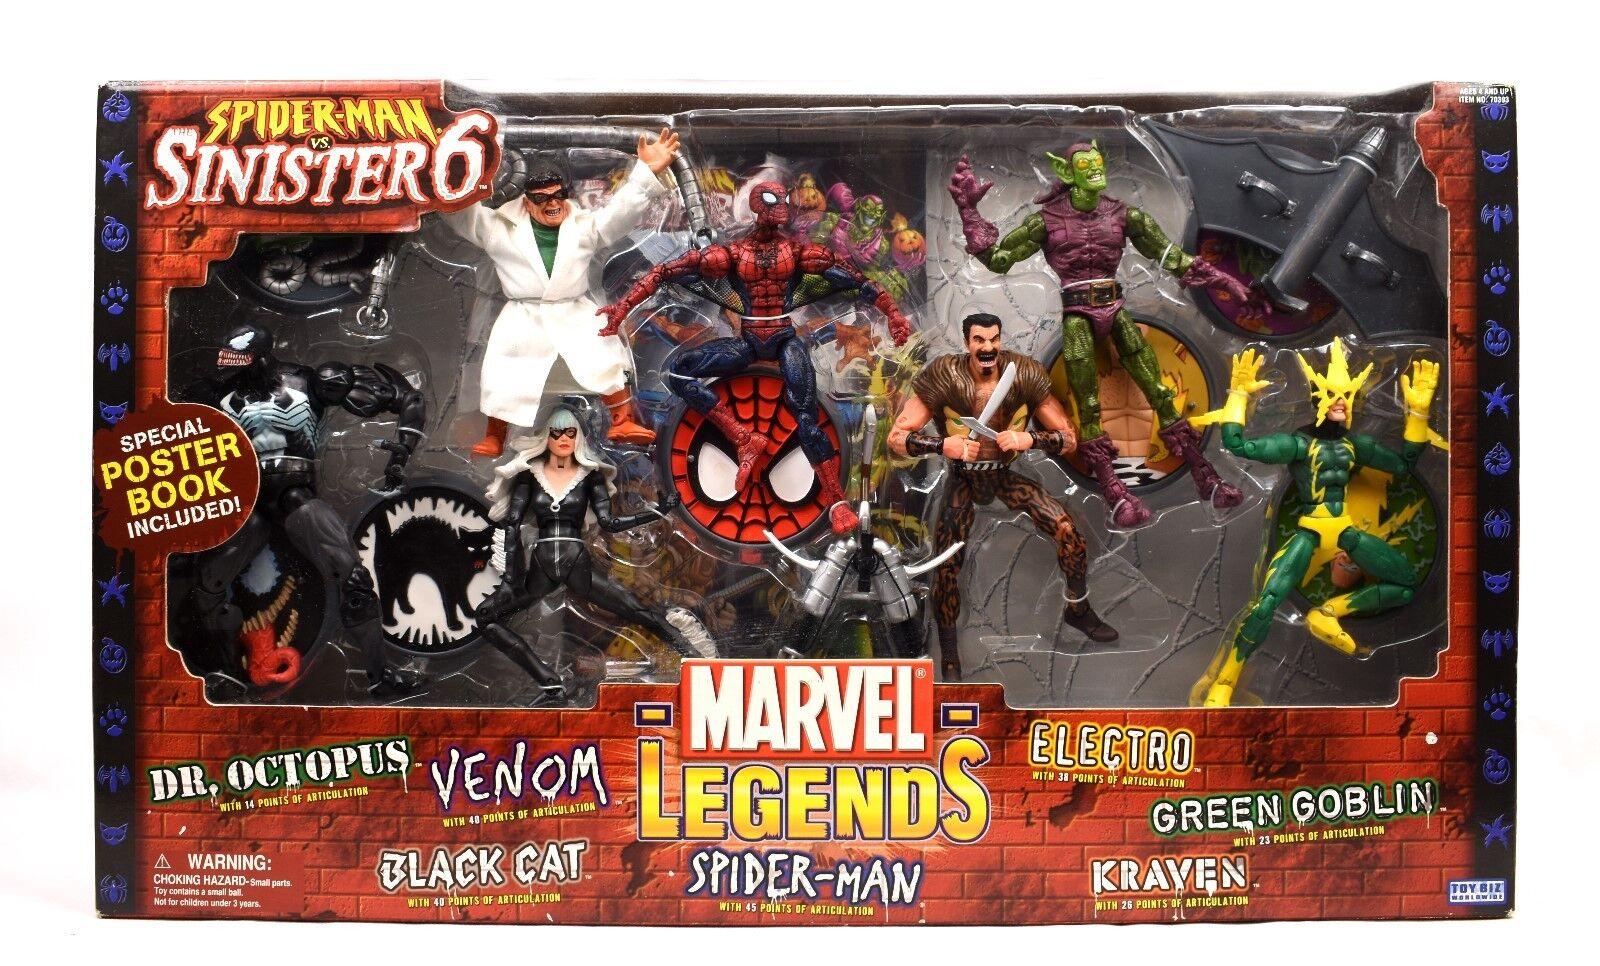 Marvel Legends - Spider-Man vs The Sinister Six Action Figure Set